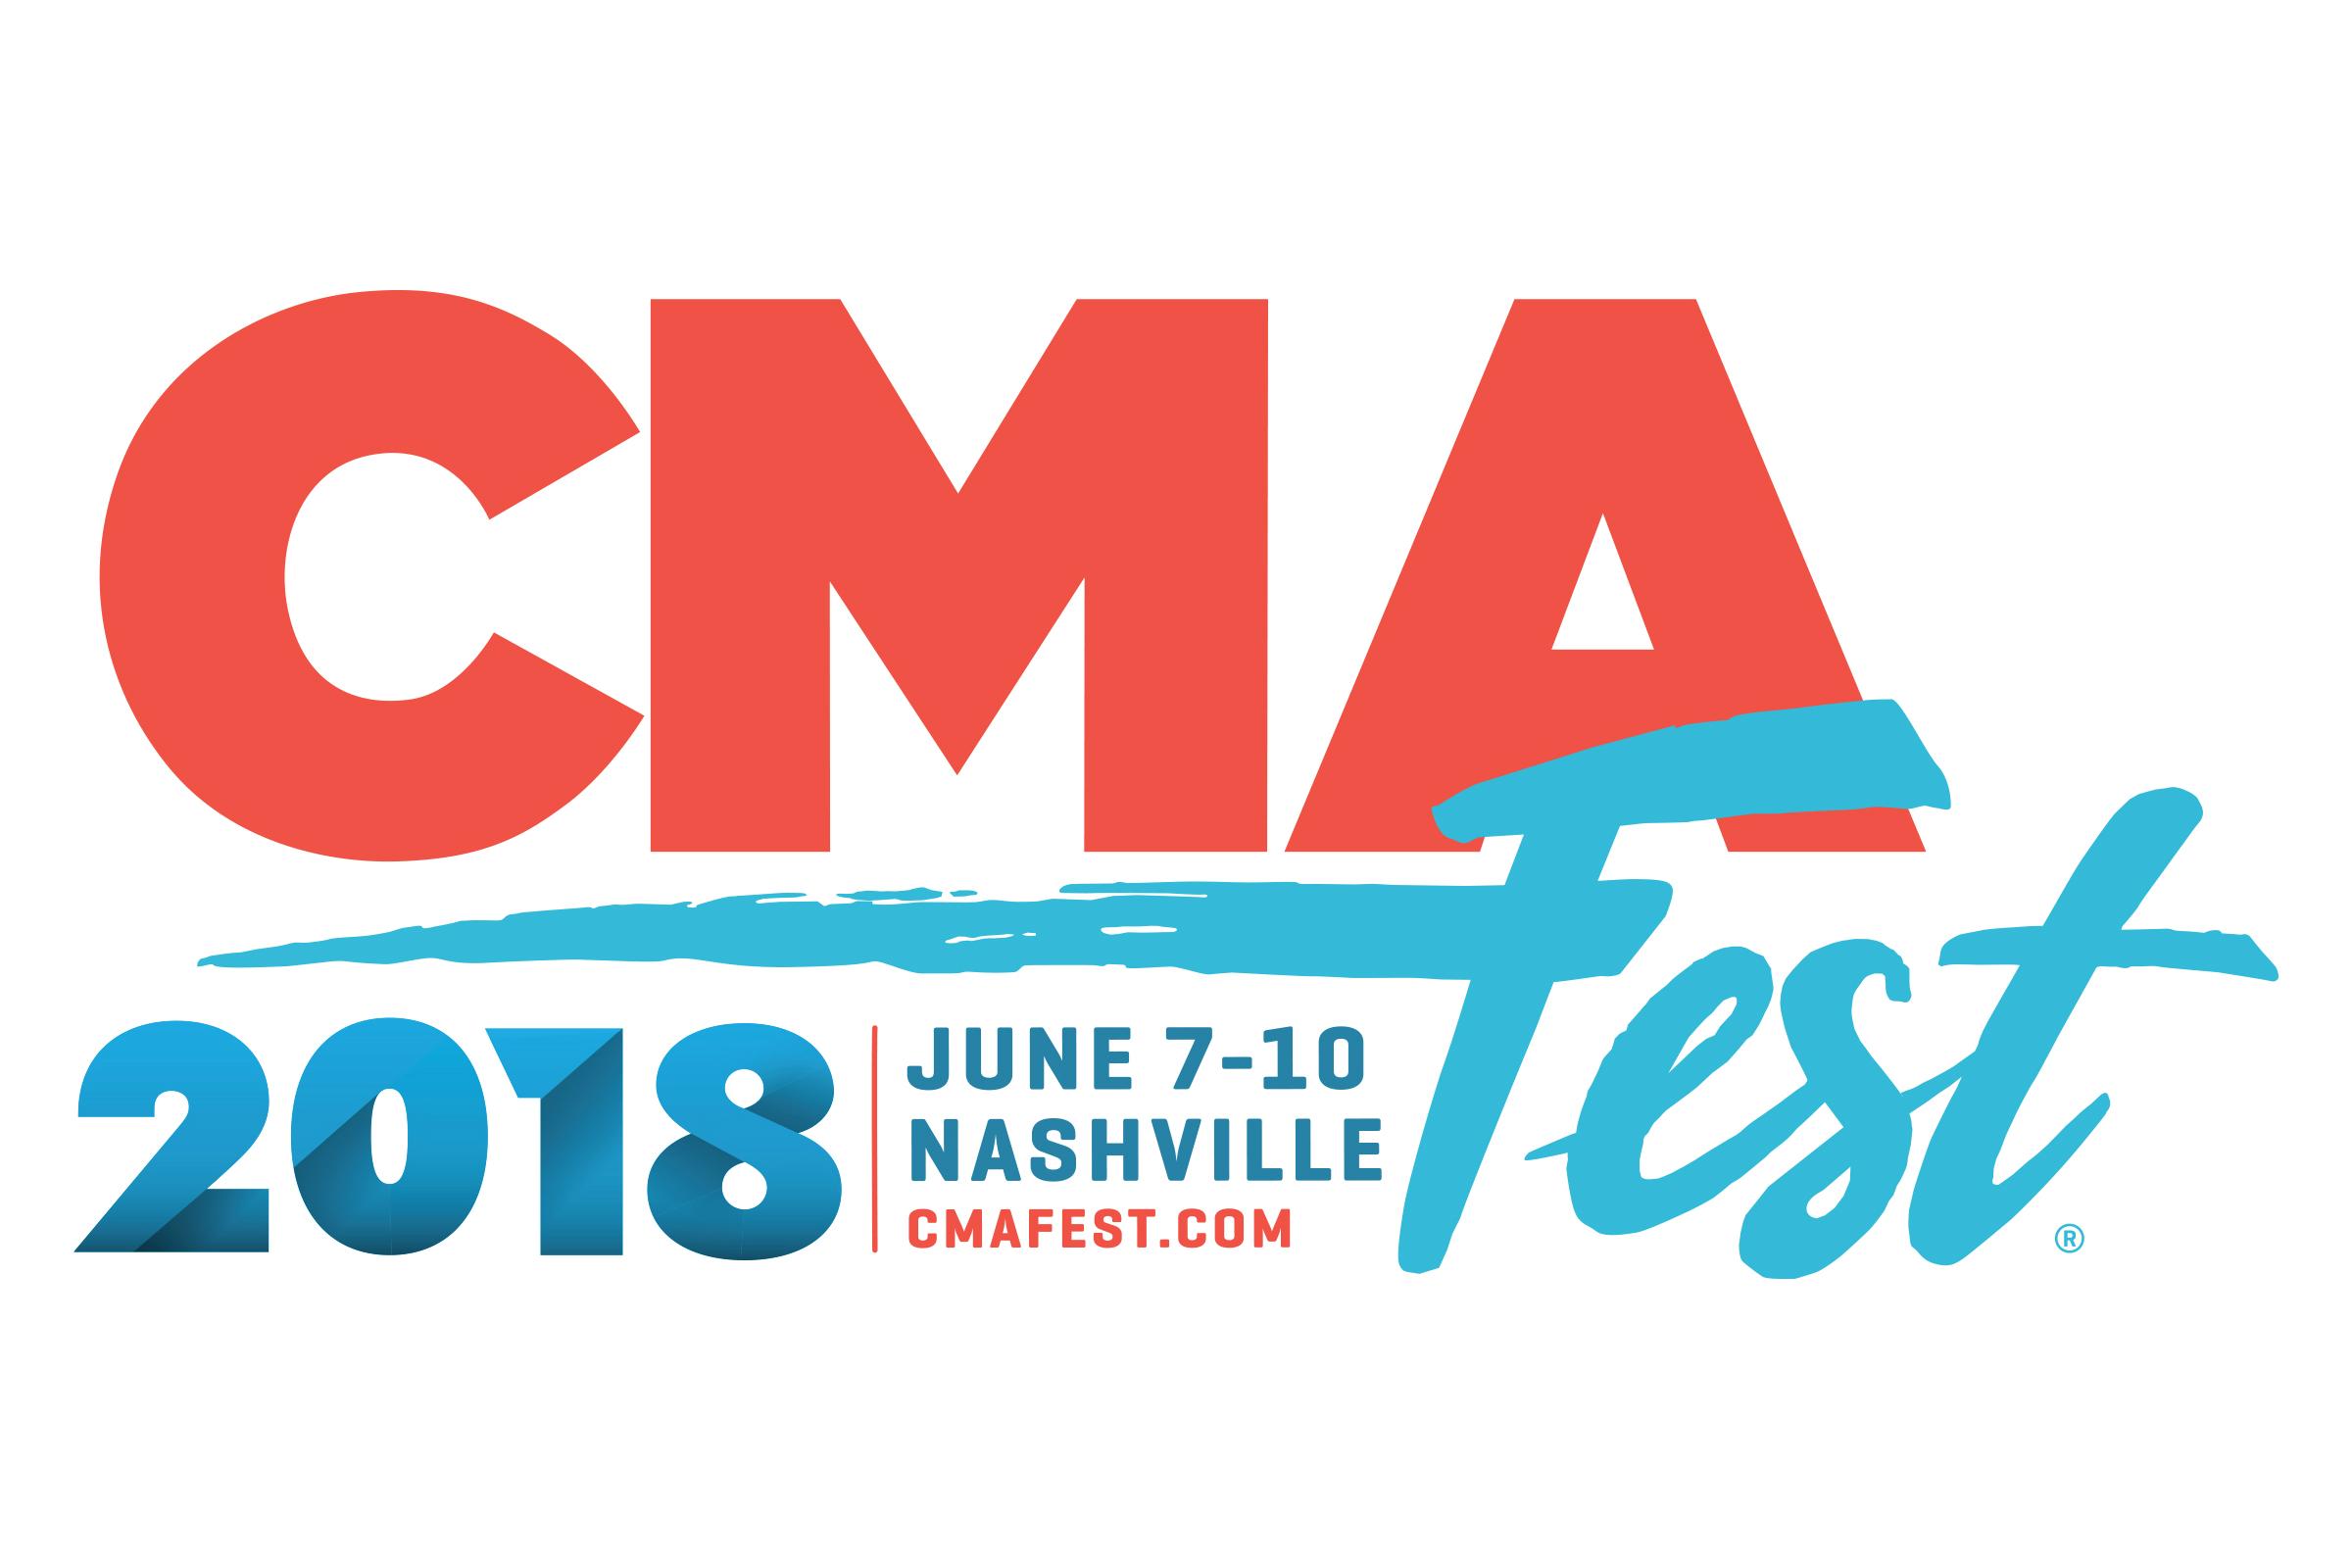 CMA Music Festival - Wikipedia